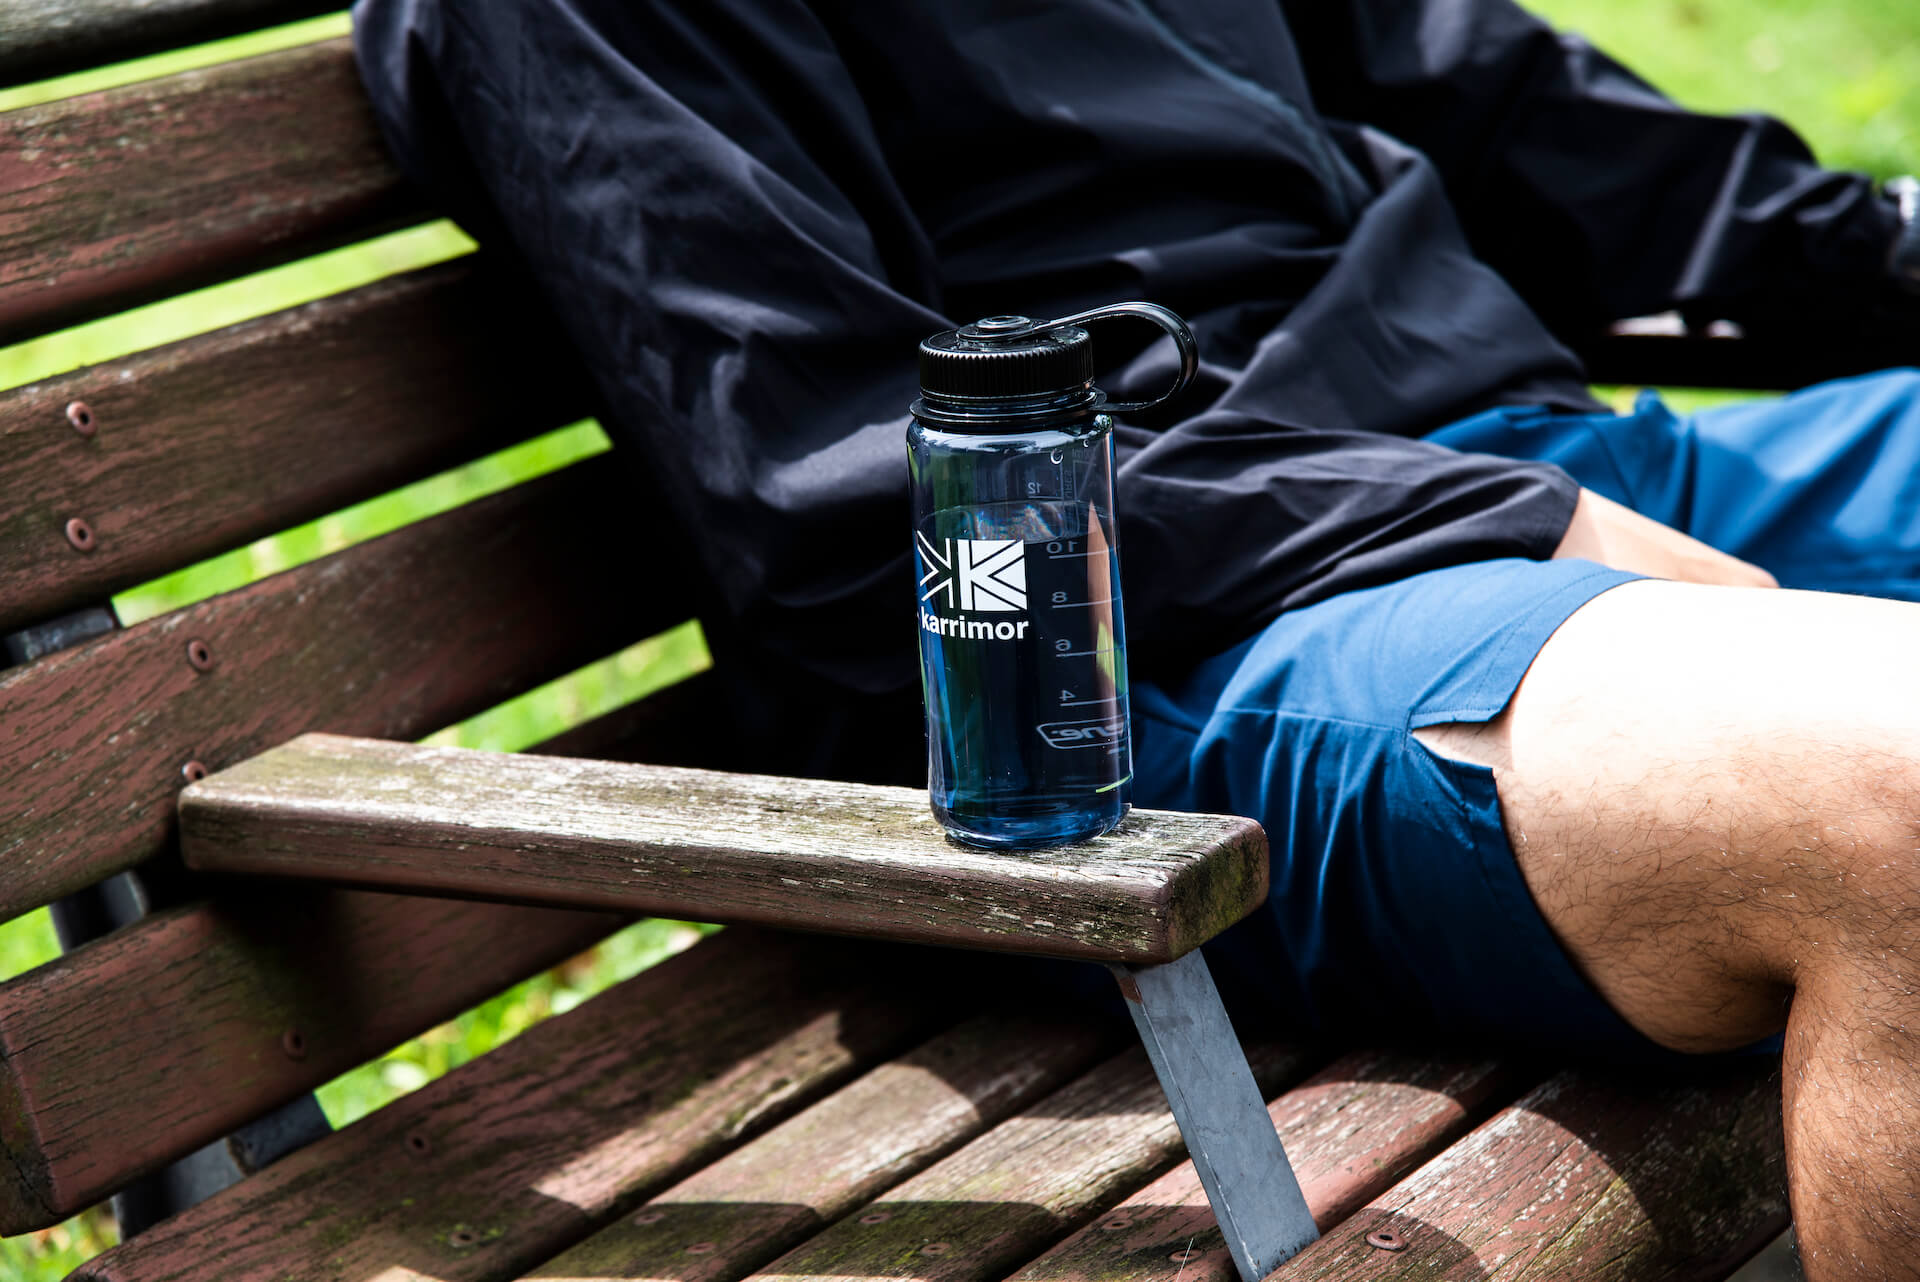 カリマーが無料給水サービスにも利用できるボトルを発売!Nalgenとのコラボアイテム life210601_karrimor_bottle_4